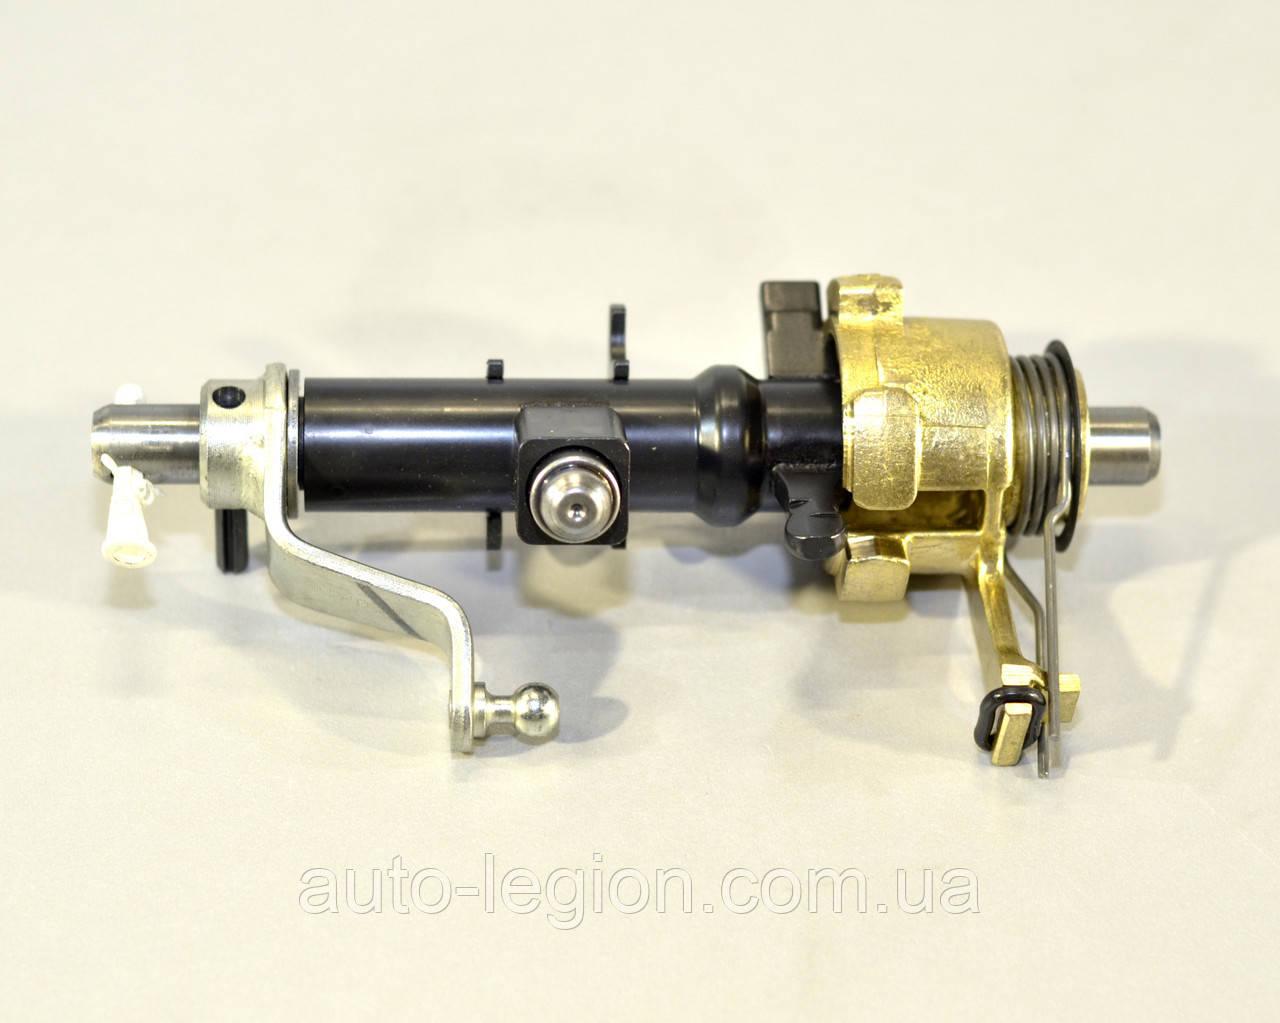 Модуль управления КПП на Renault Master II 1998->2010 — Renault (Оригинал) - 77 01 479 193